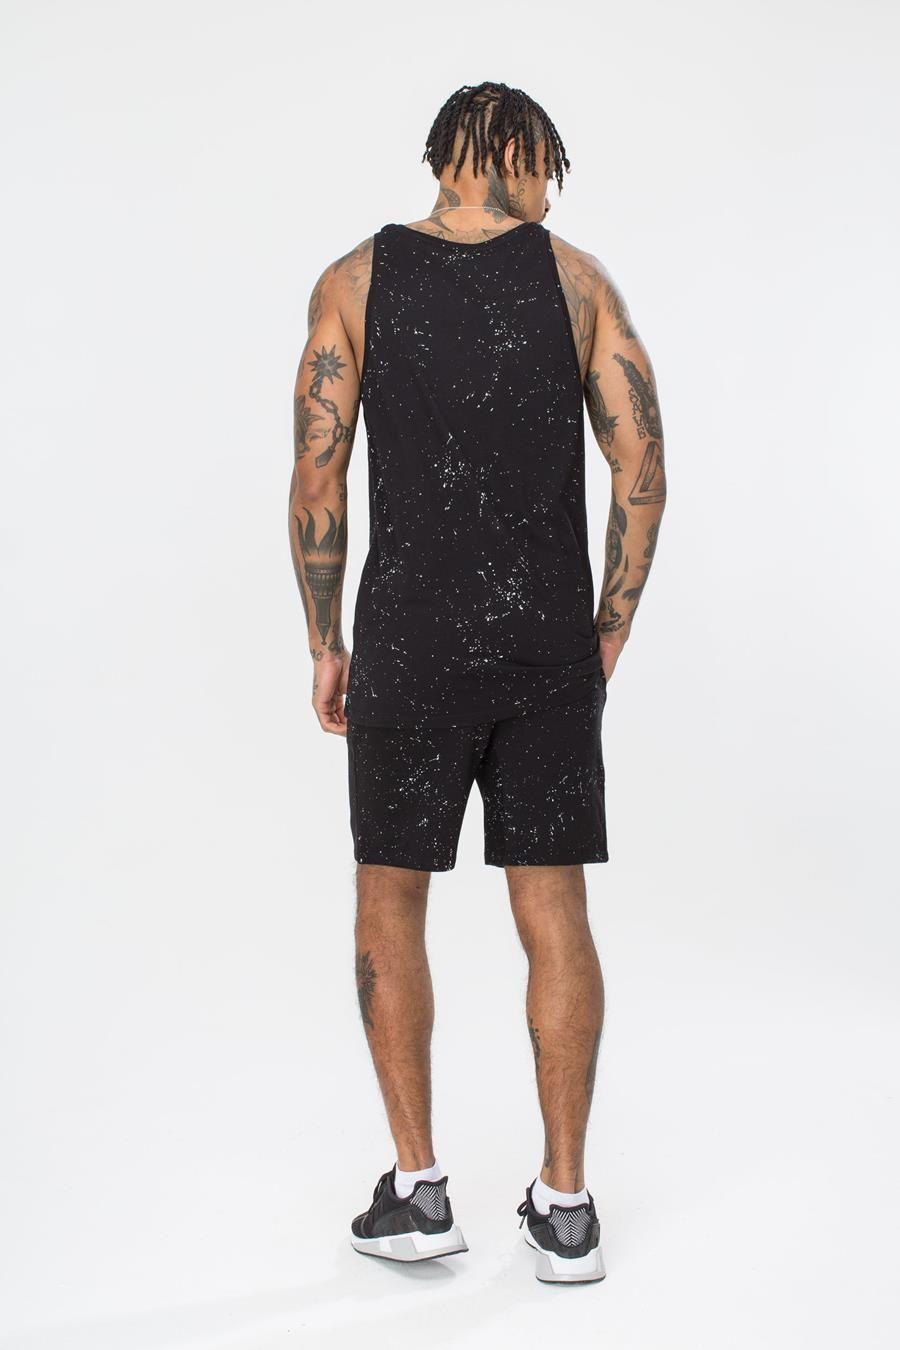 Hype Aop Speckle Mens Shorts